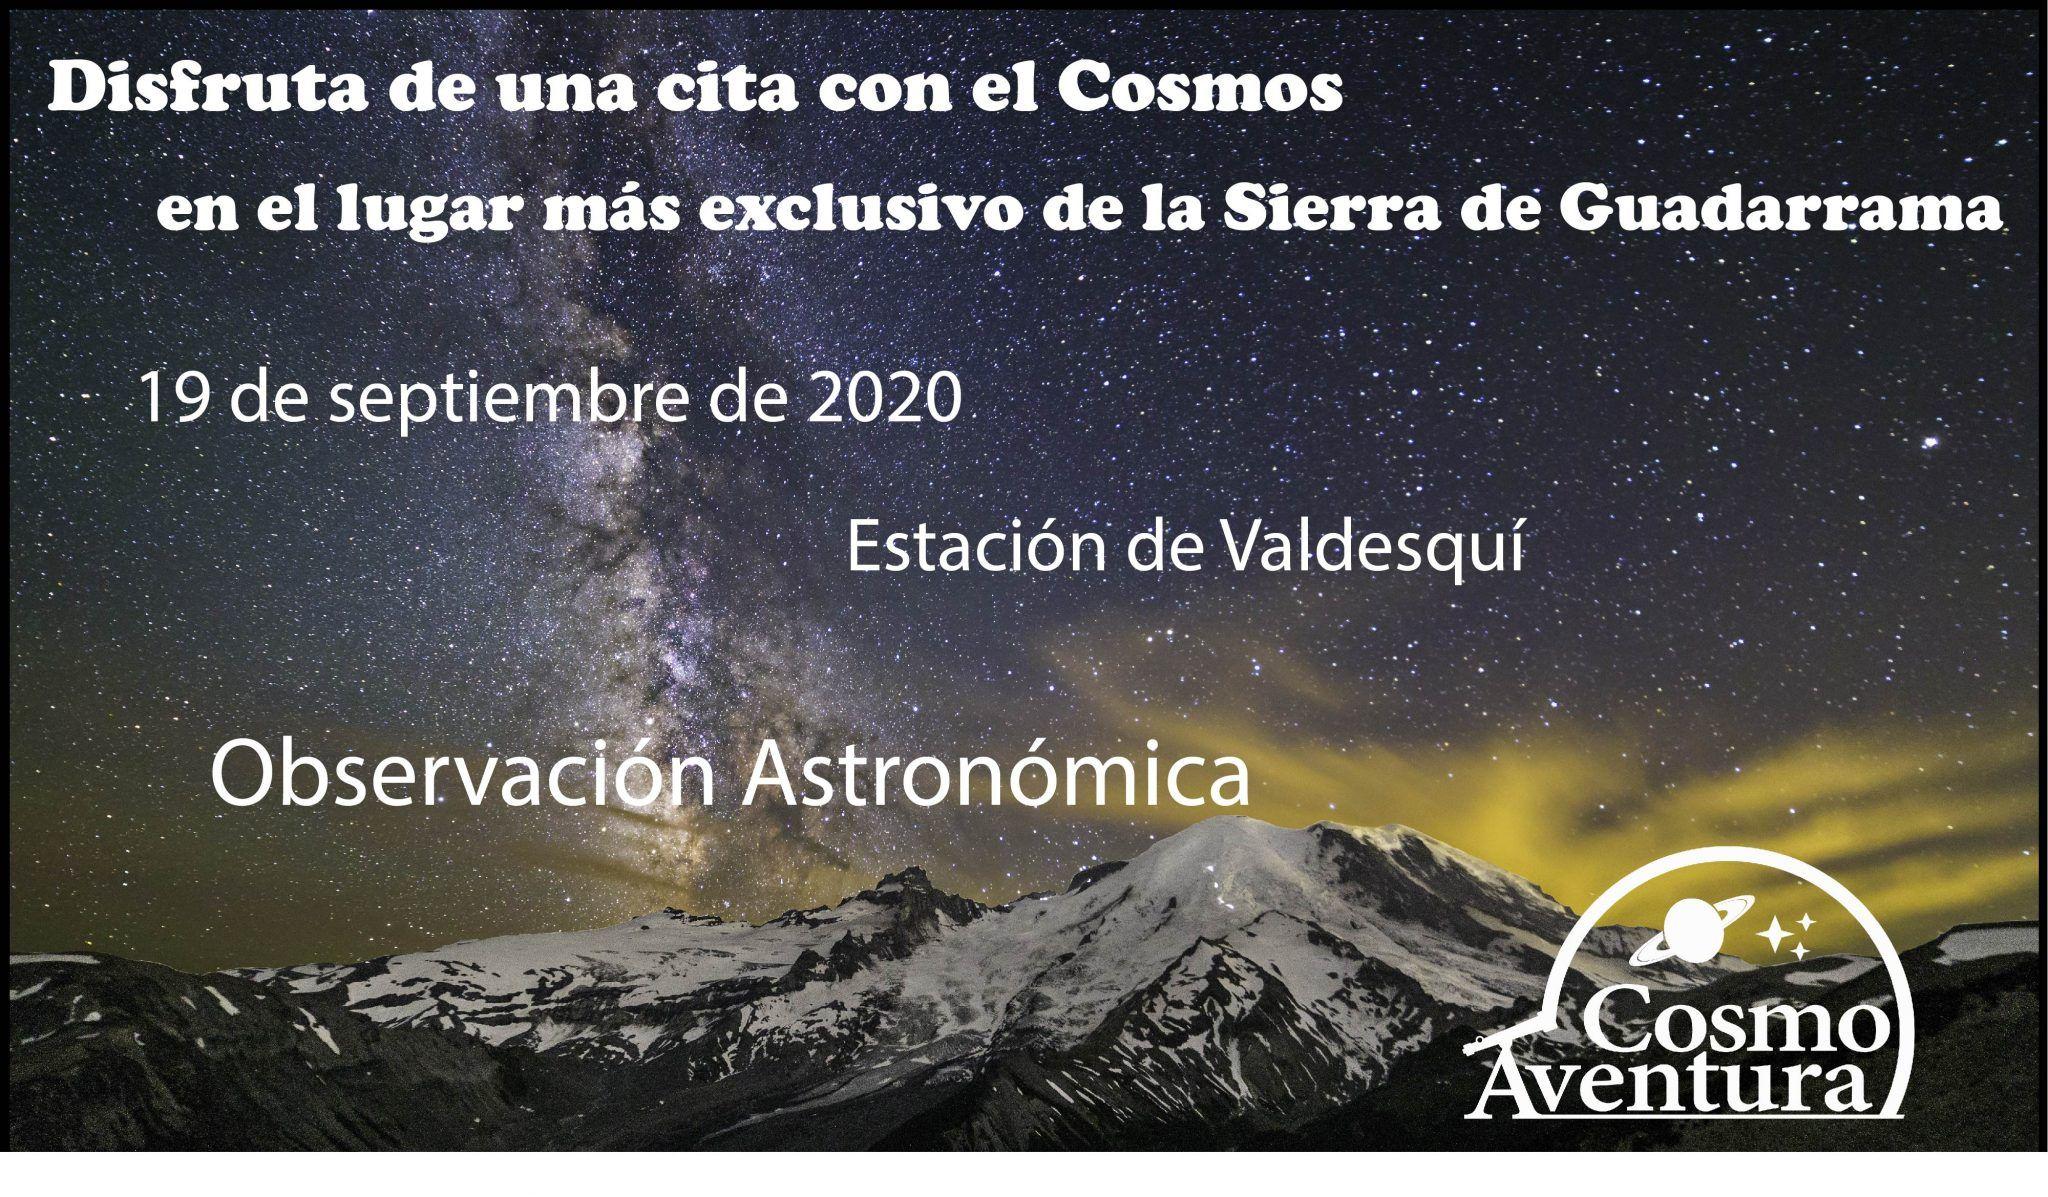 (COMPLETO) 19-09-2020.- Observación Astronómica en el lugar más exclusivo de Madrid: La Estación de Valdesquí